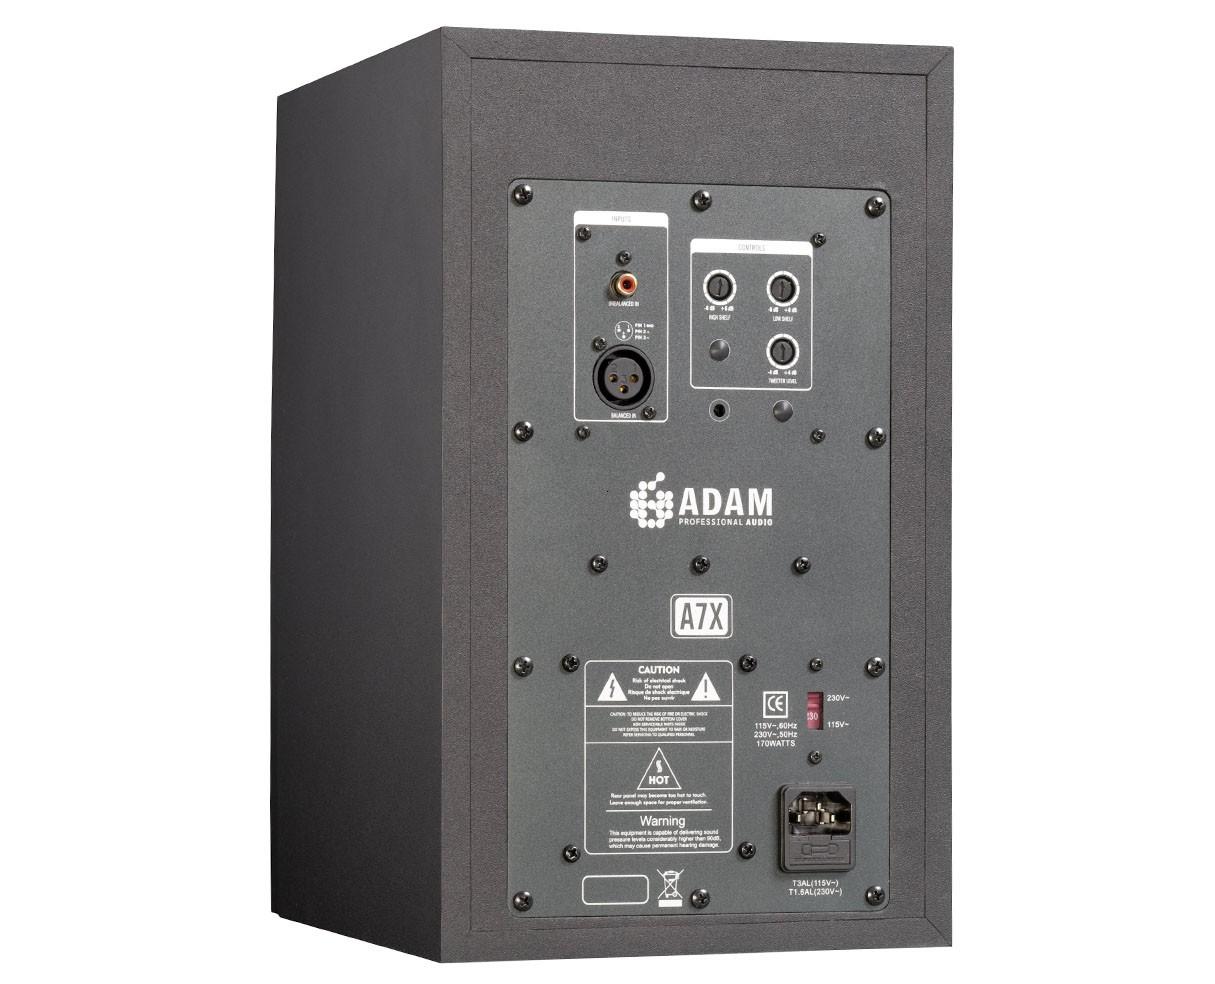 ADAM A7X